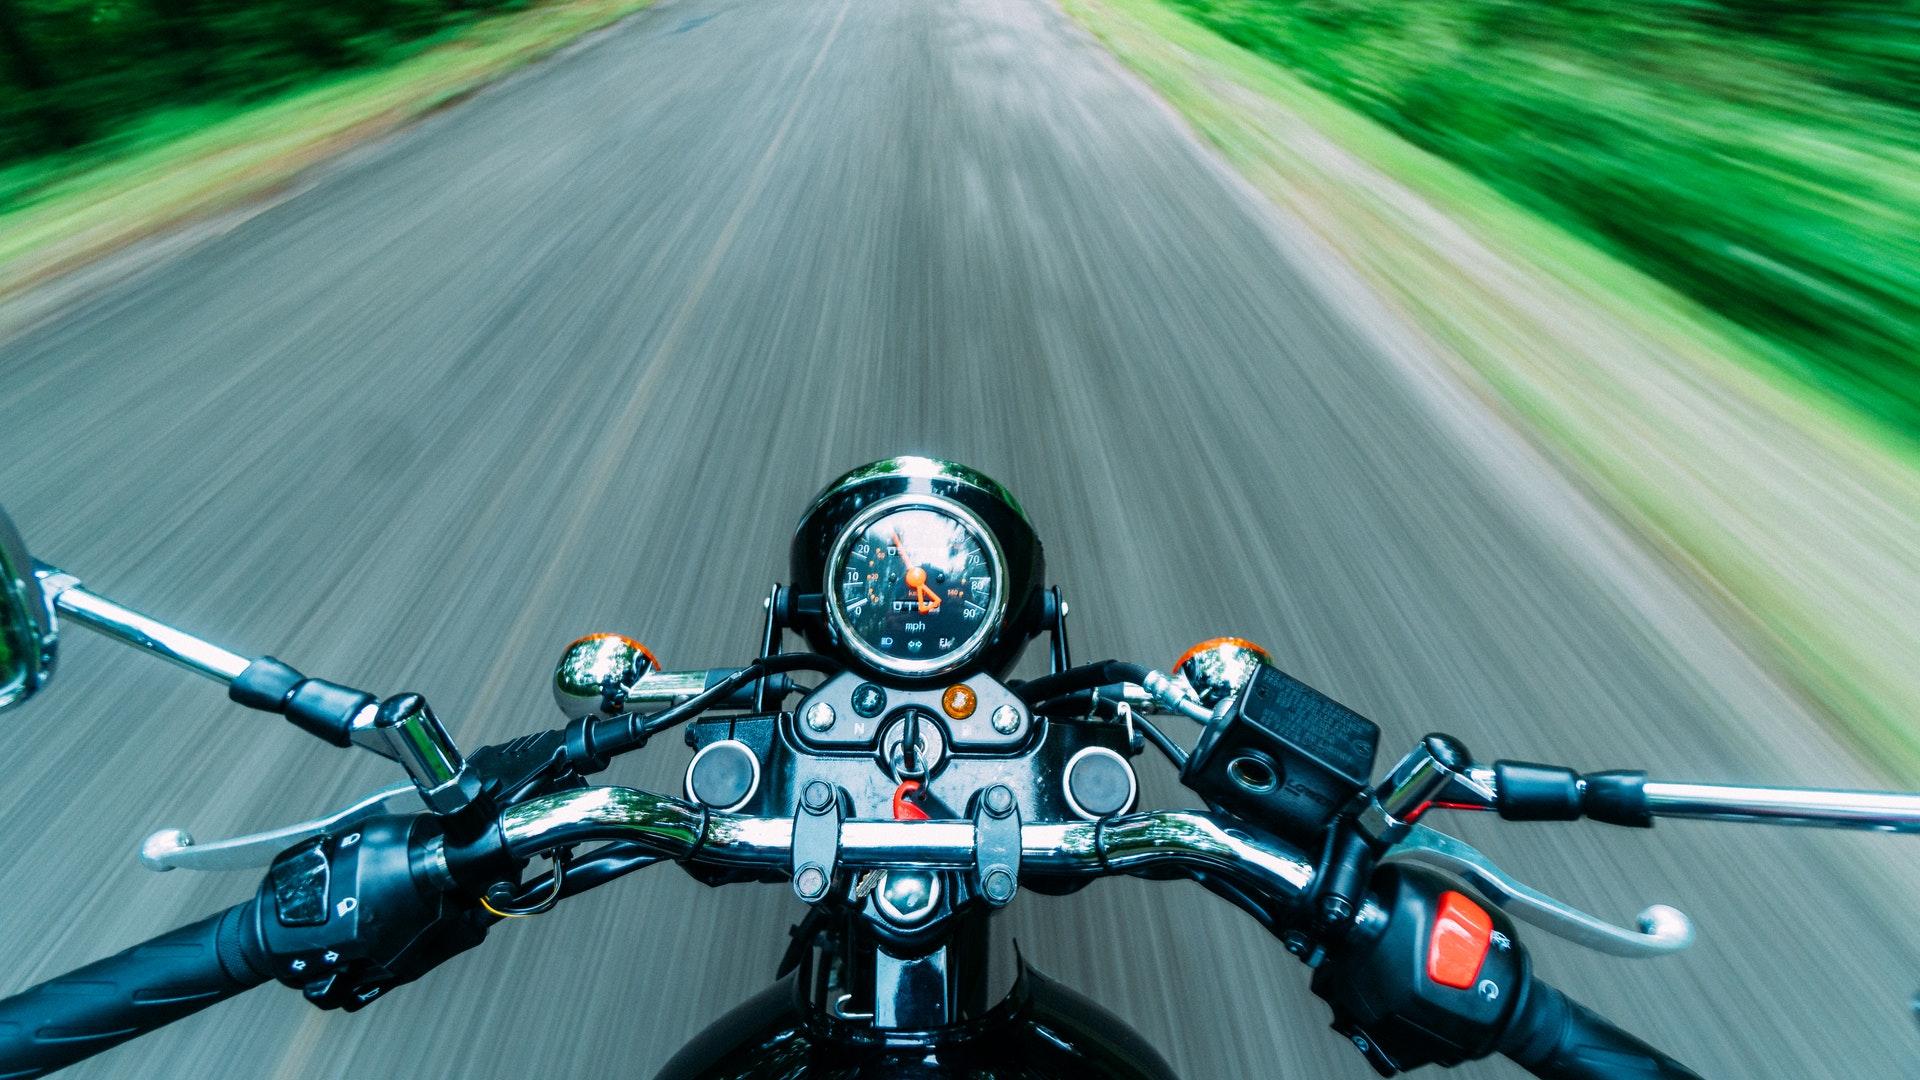 balade-ecologique moto